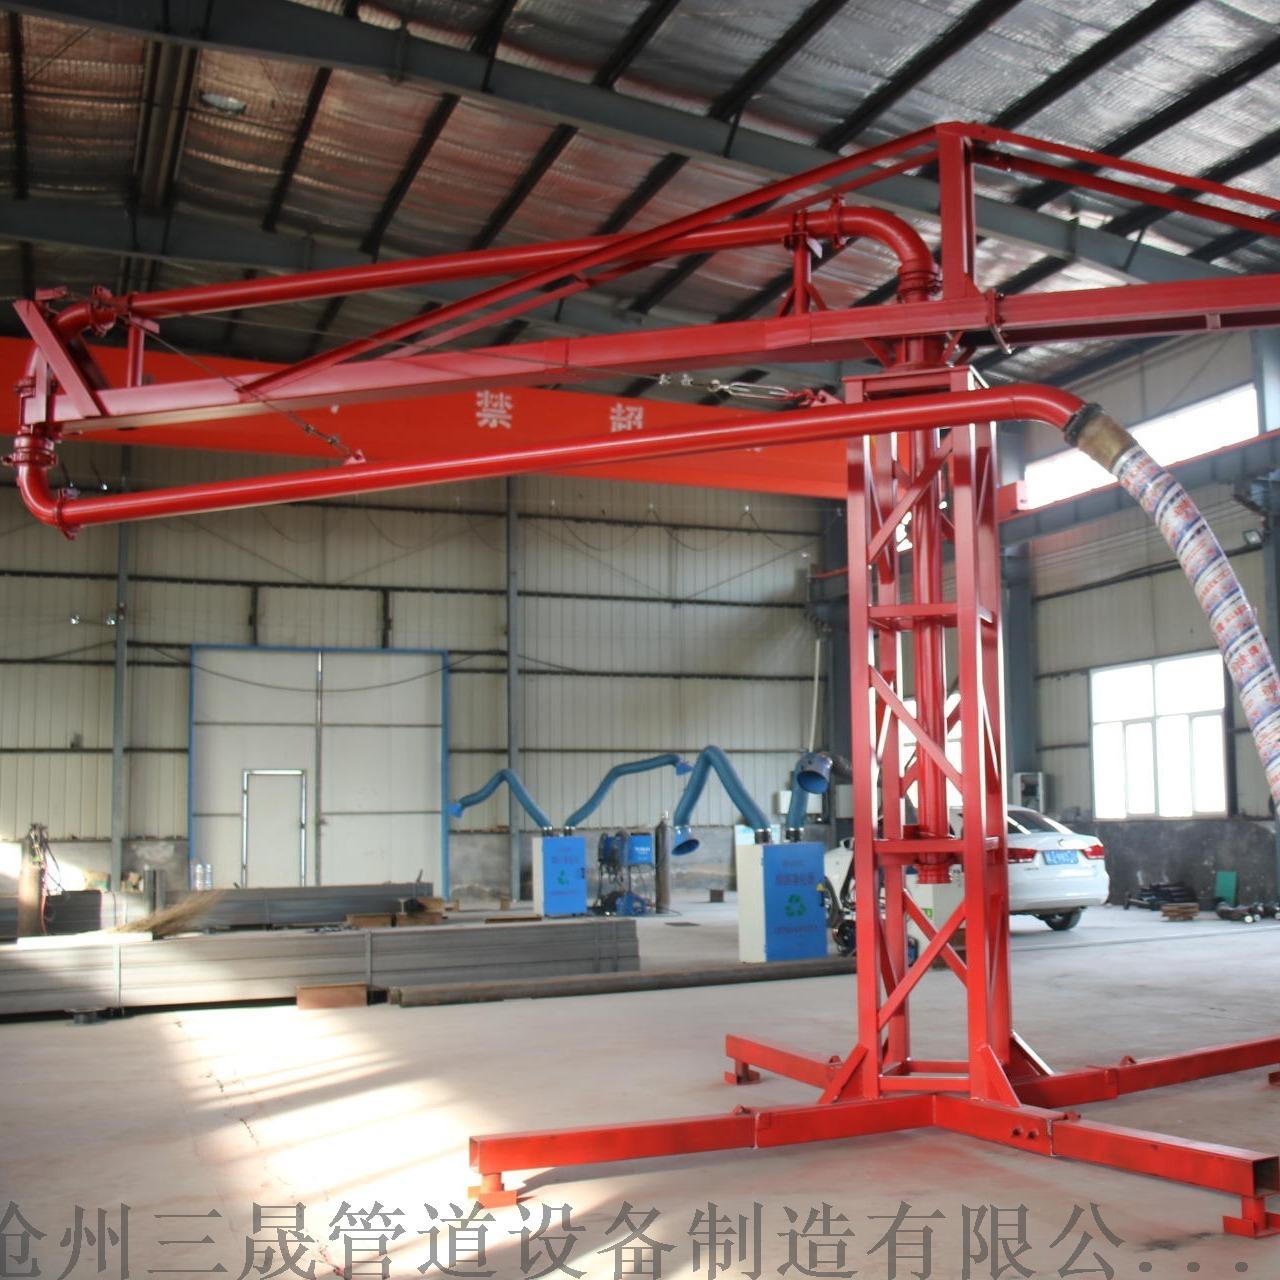 布料机 混凝土布料机 电动布料机厂家生产布料机815905222